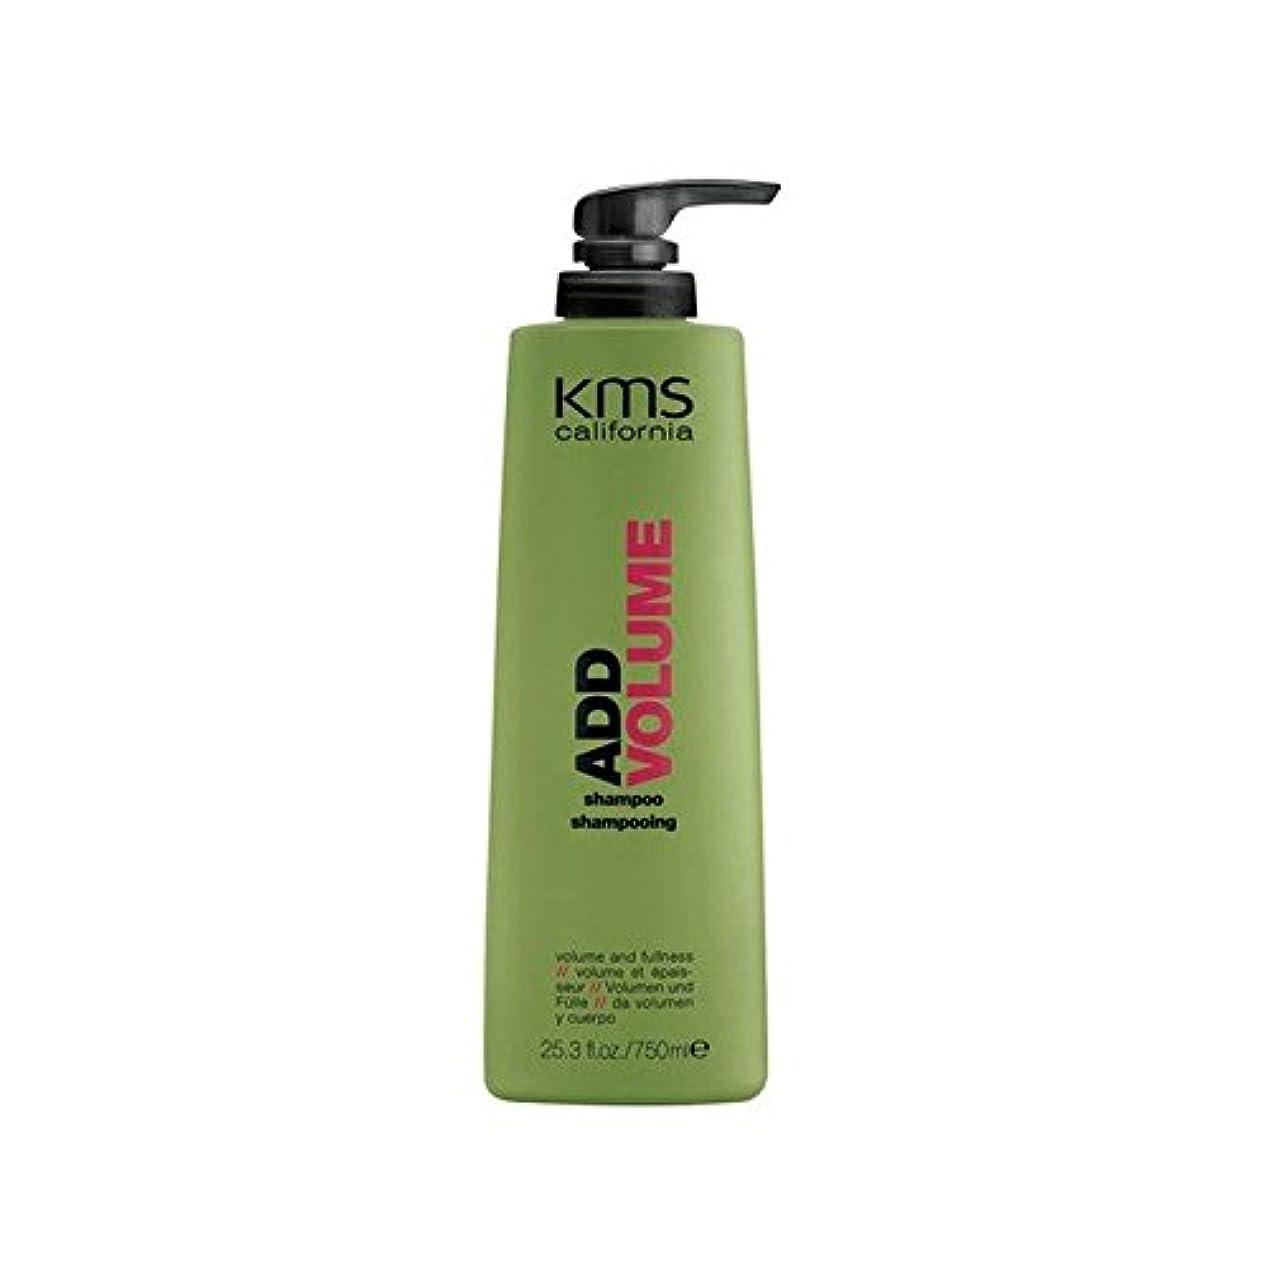 プロフェッショナルナチュラルジュースKms California Addvolume Shampoo - 750ml - カリフォルニアシャンプー - 750ミリリットル [並行輸入品]